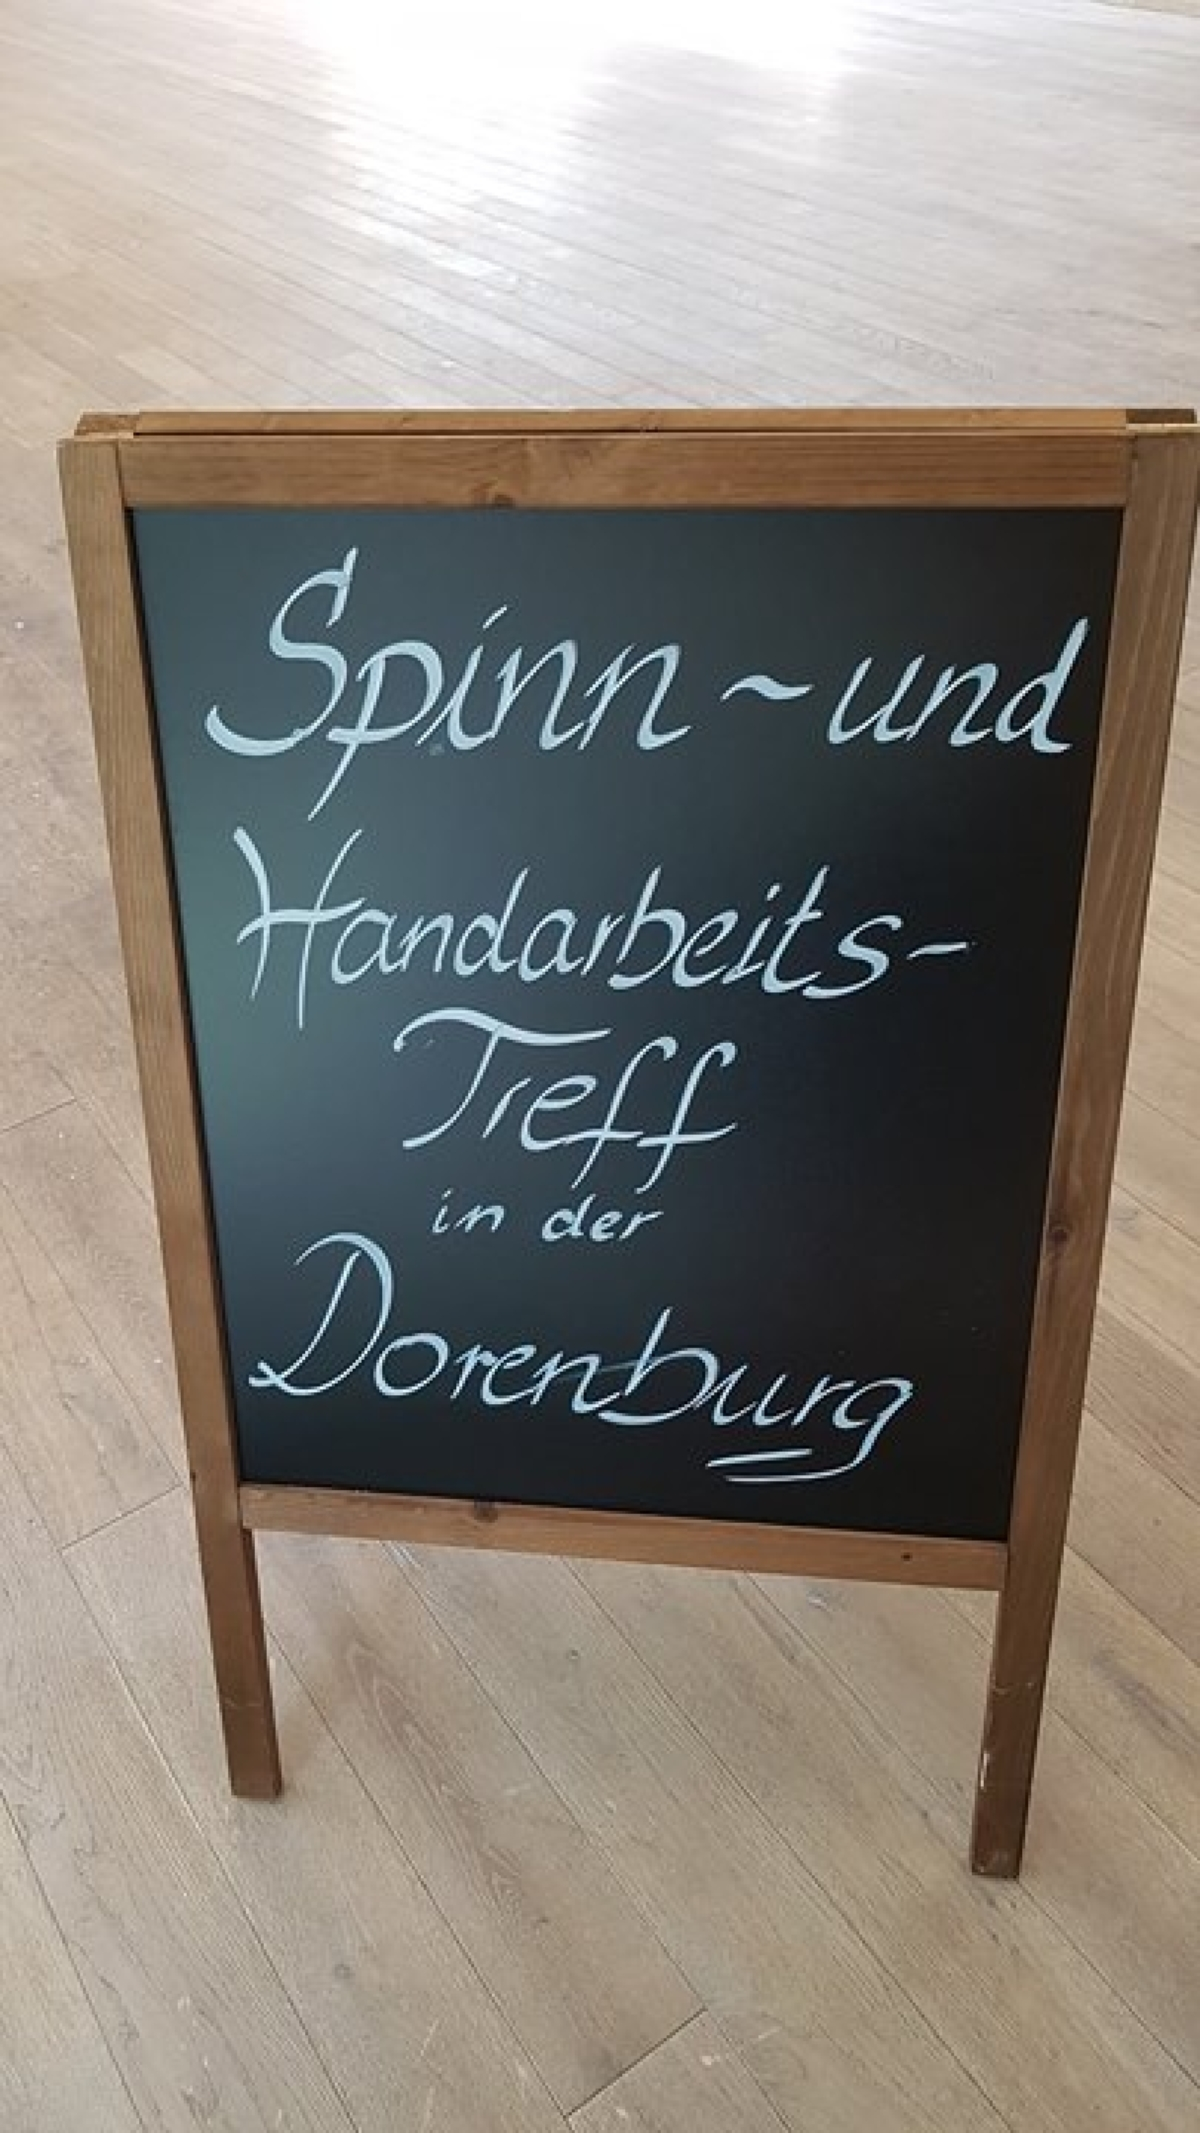 Veranstaltungsbild zu Offener Spinn- und Handarbeitstreff in der Dorenburg